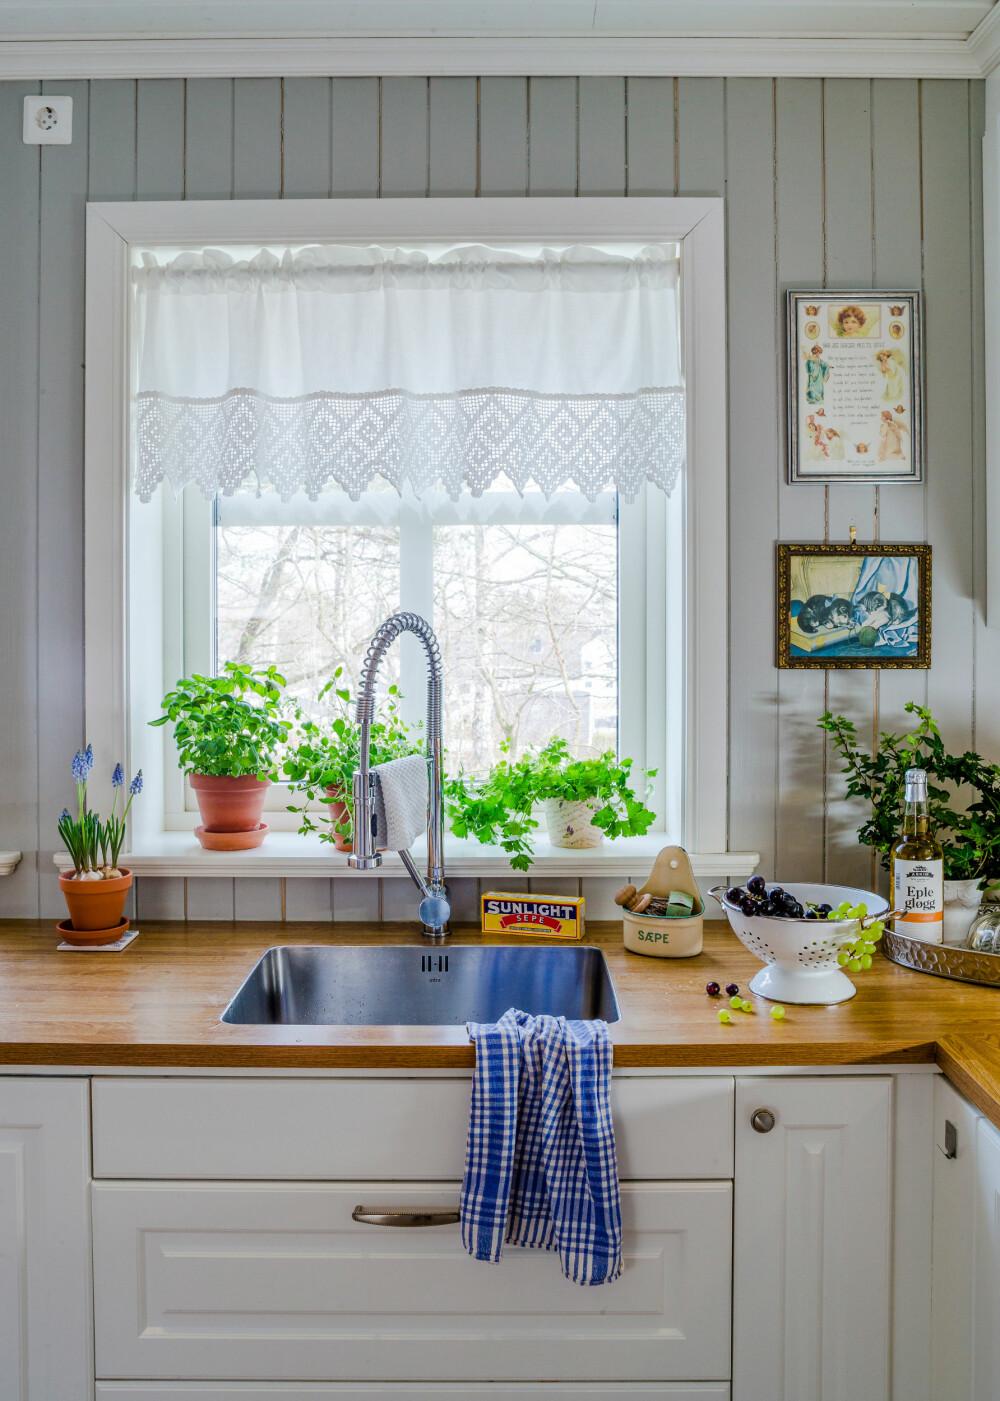 UTSIKT: Randi syns det er deilig med mange vinduer på kjøkkenet og spesielt her ved vasken. Oppvasken går litt lettere med fin utsikt.